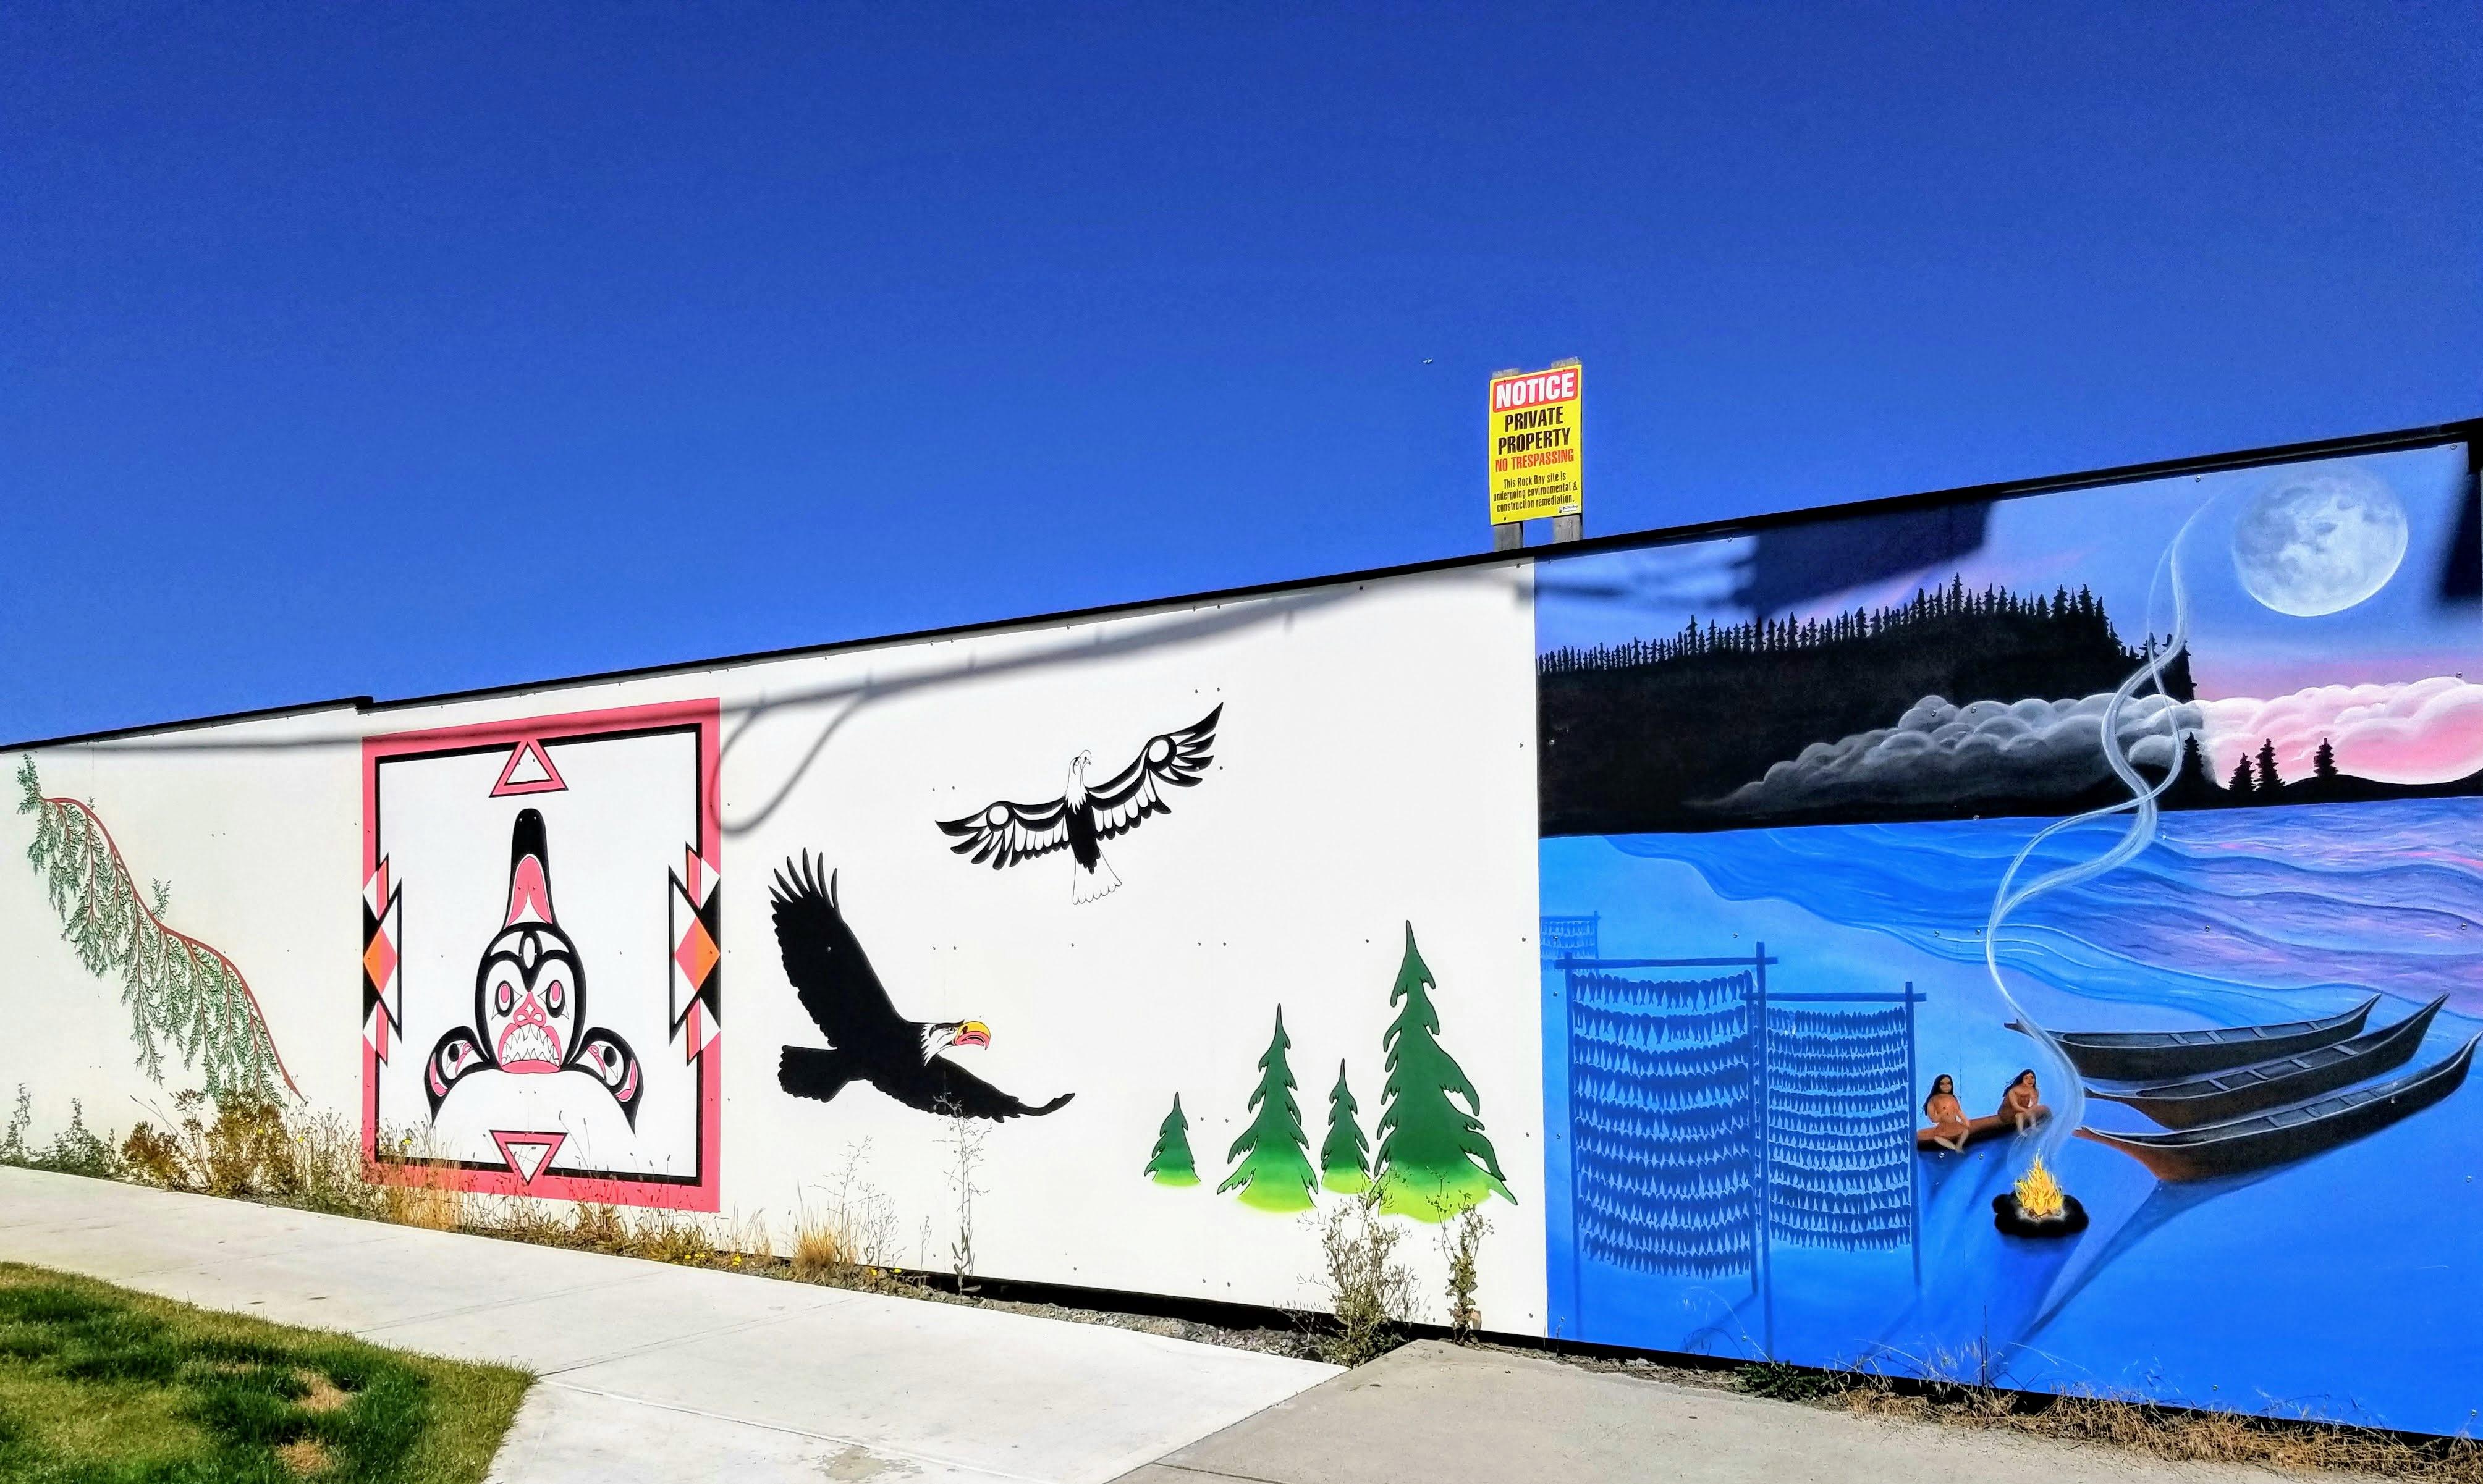 Mural in Victoria